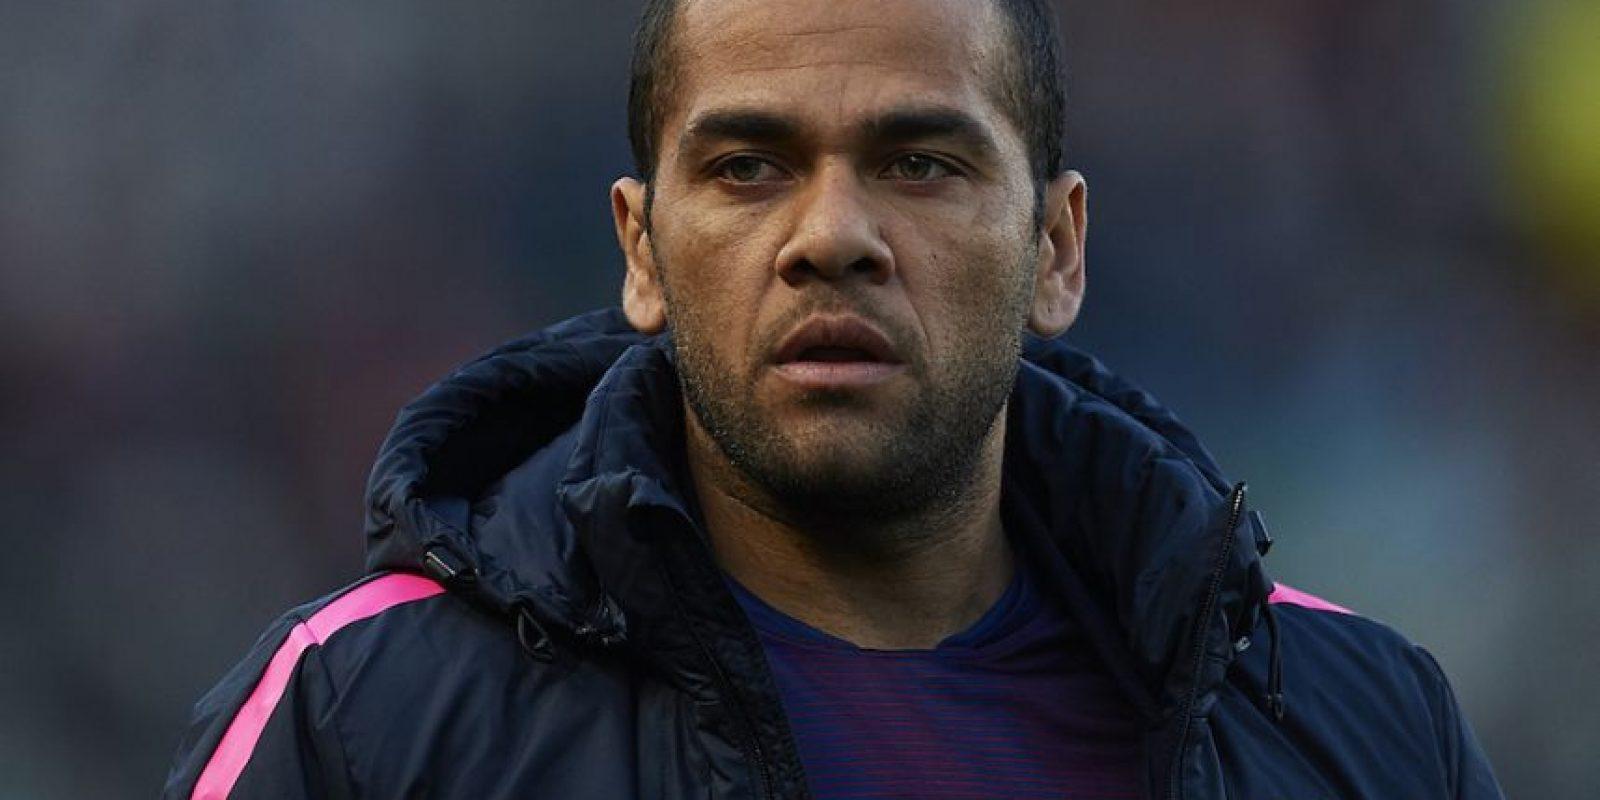 En 2009, Alves decidió pegar un poco más a su cabeza sus apéndices auditivos con la finalidad de no lucir unas orejas de gran tamaño. Foto:Getty Images